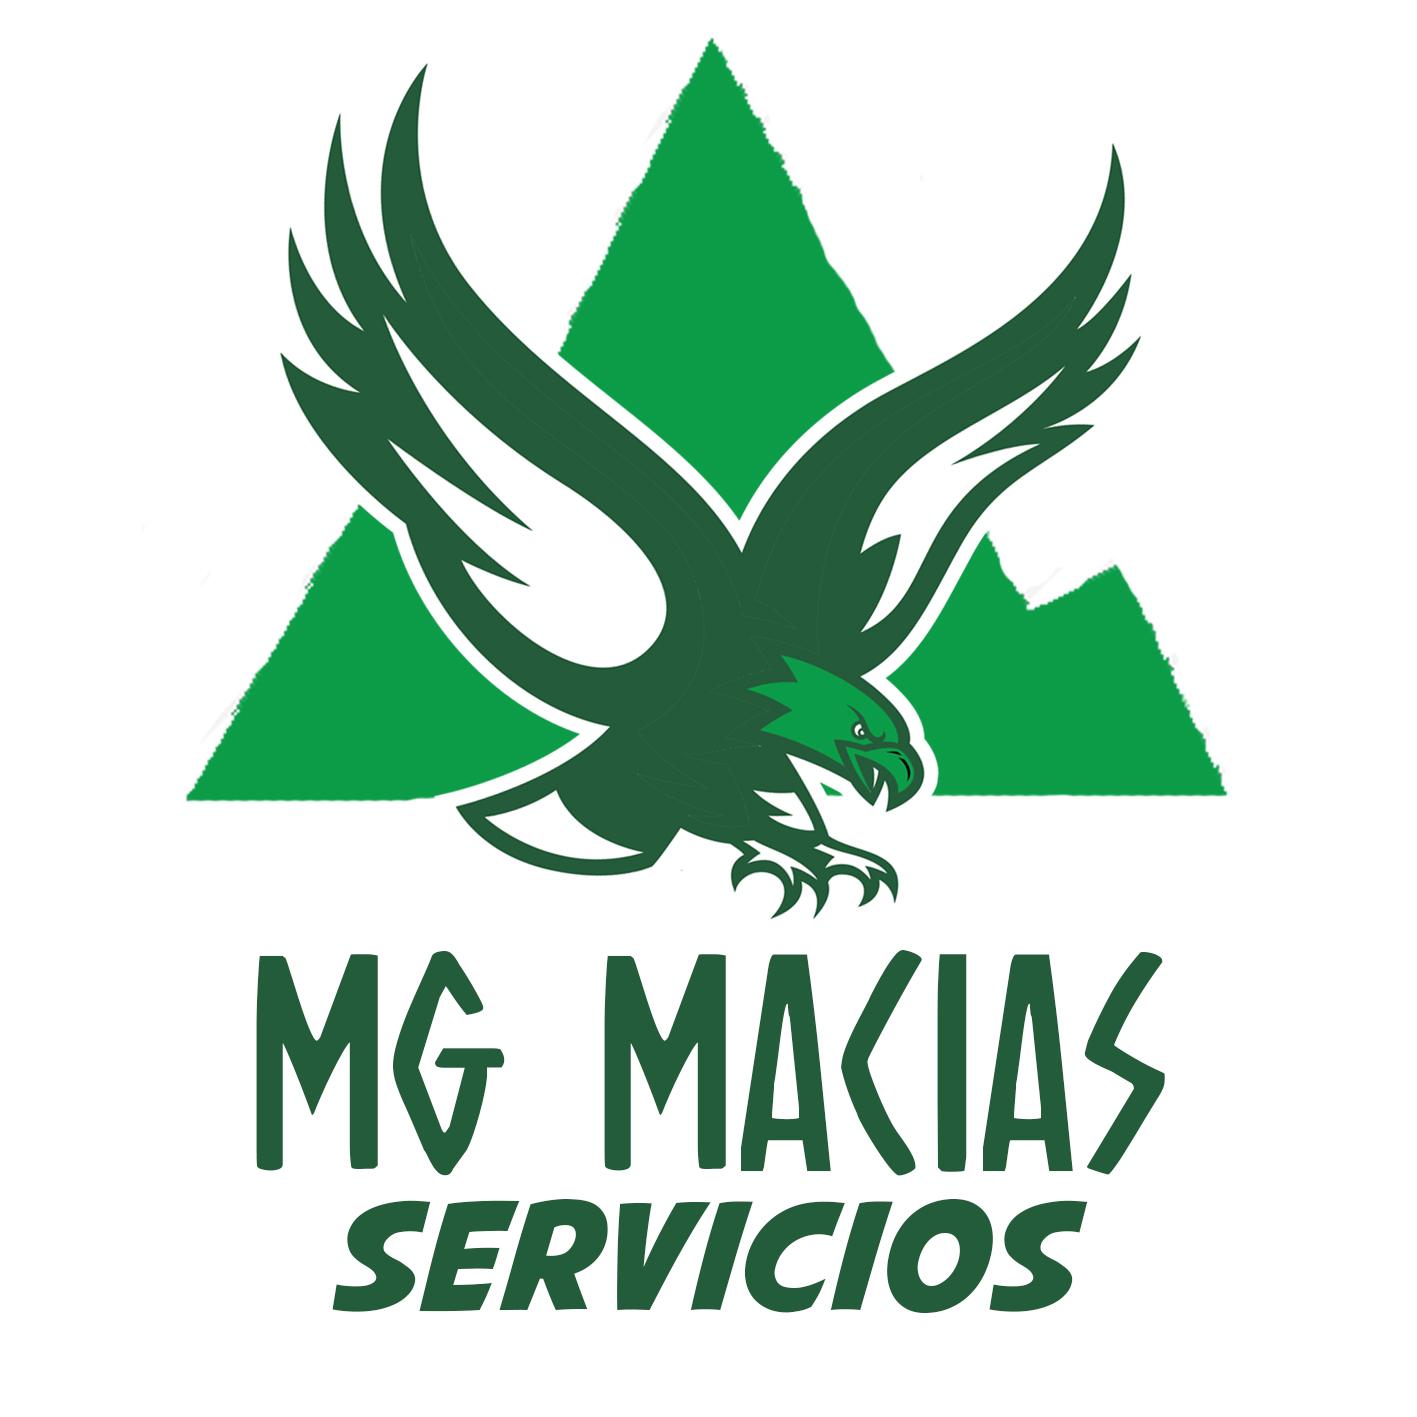 MG MACIAS SERVICIOS